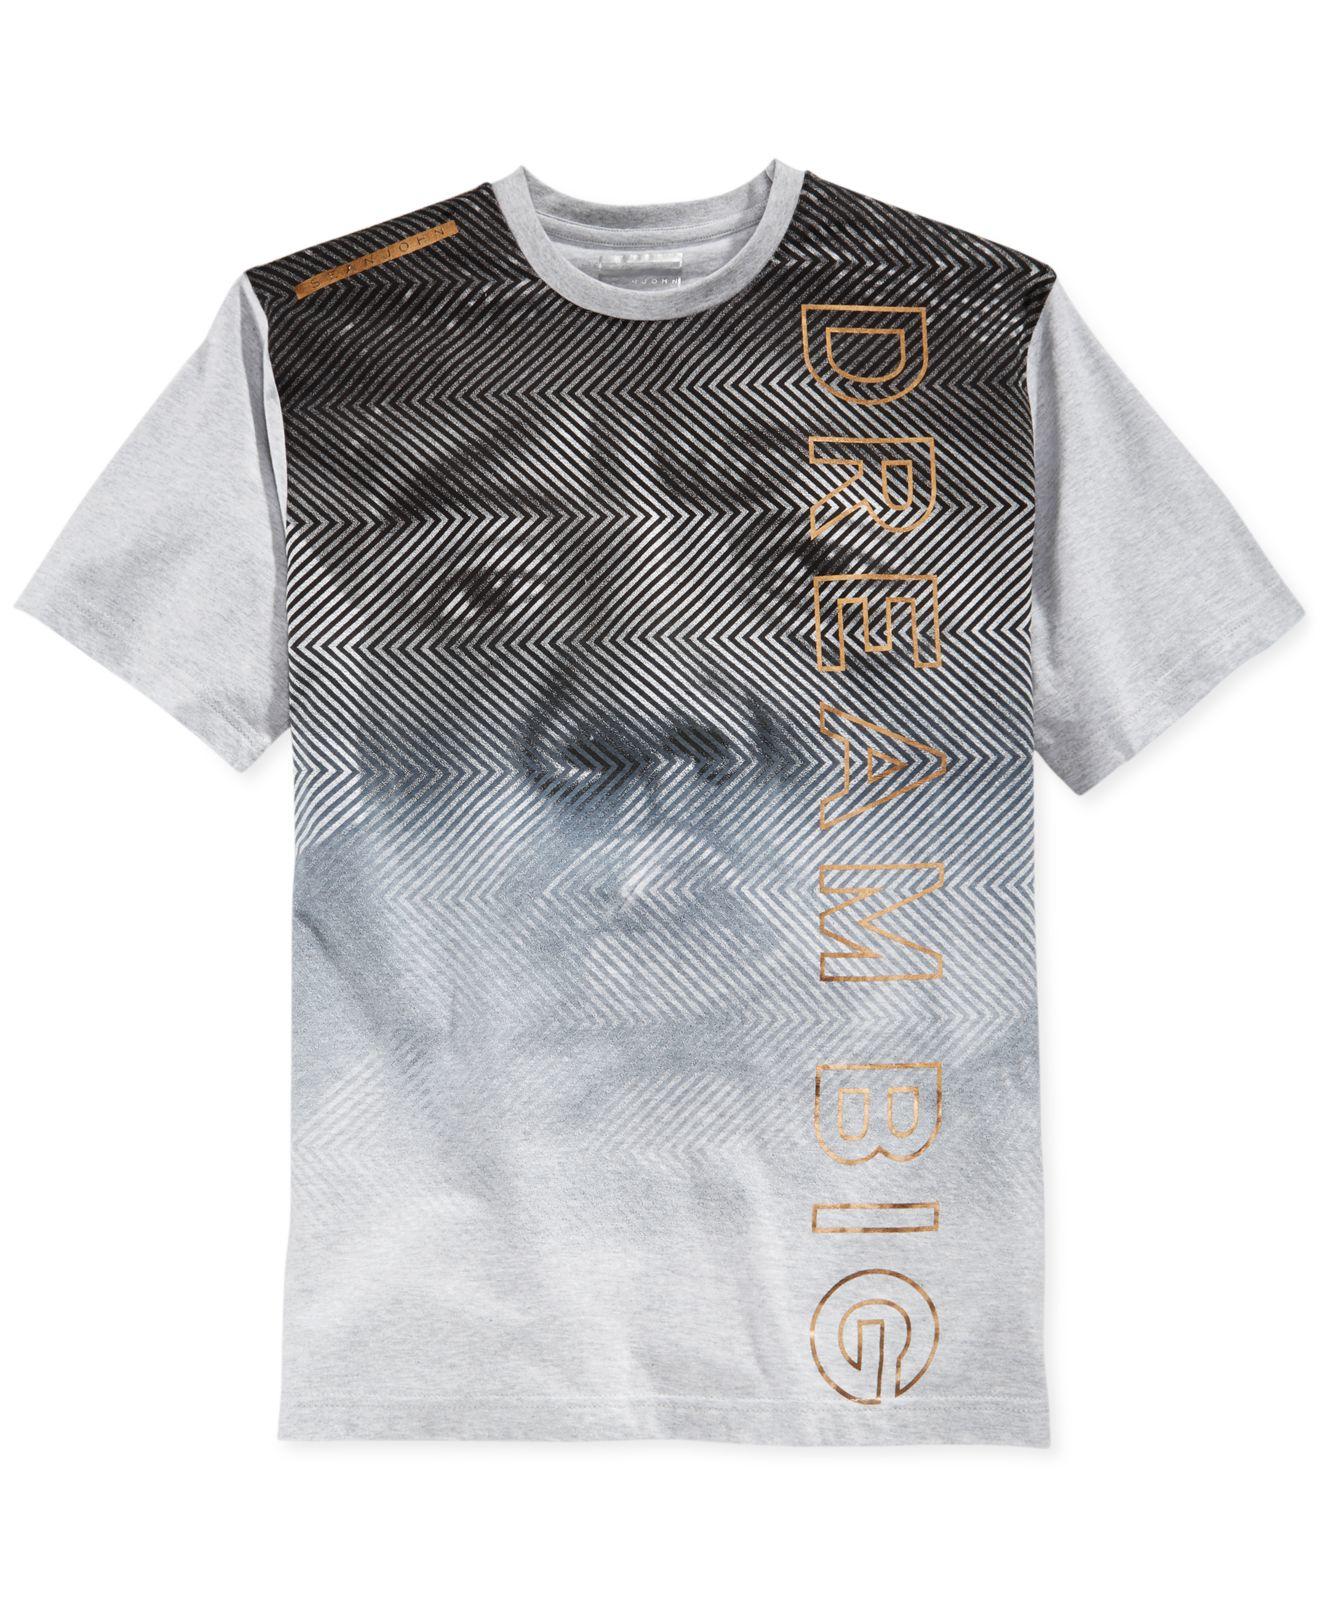 74632aa4387 Lyst - Sean John Men s Biggie Herringbone Graphic-print T-shirt in ...